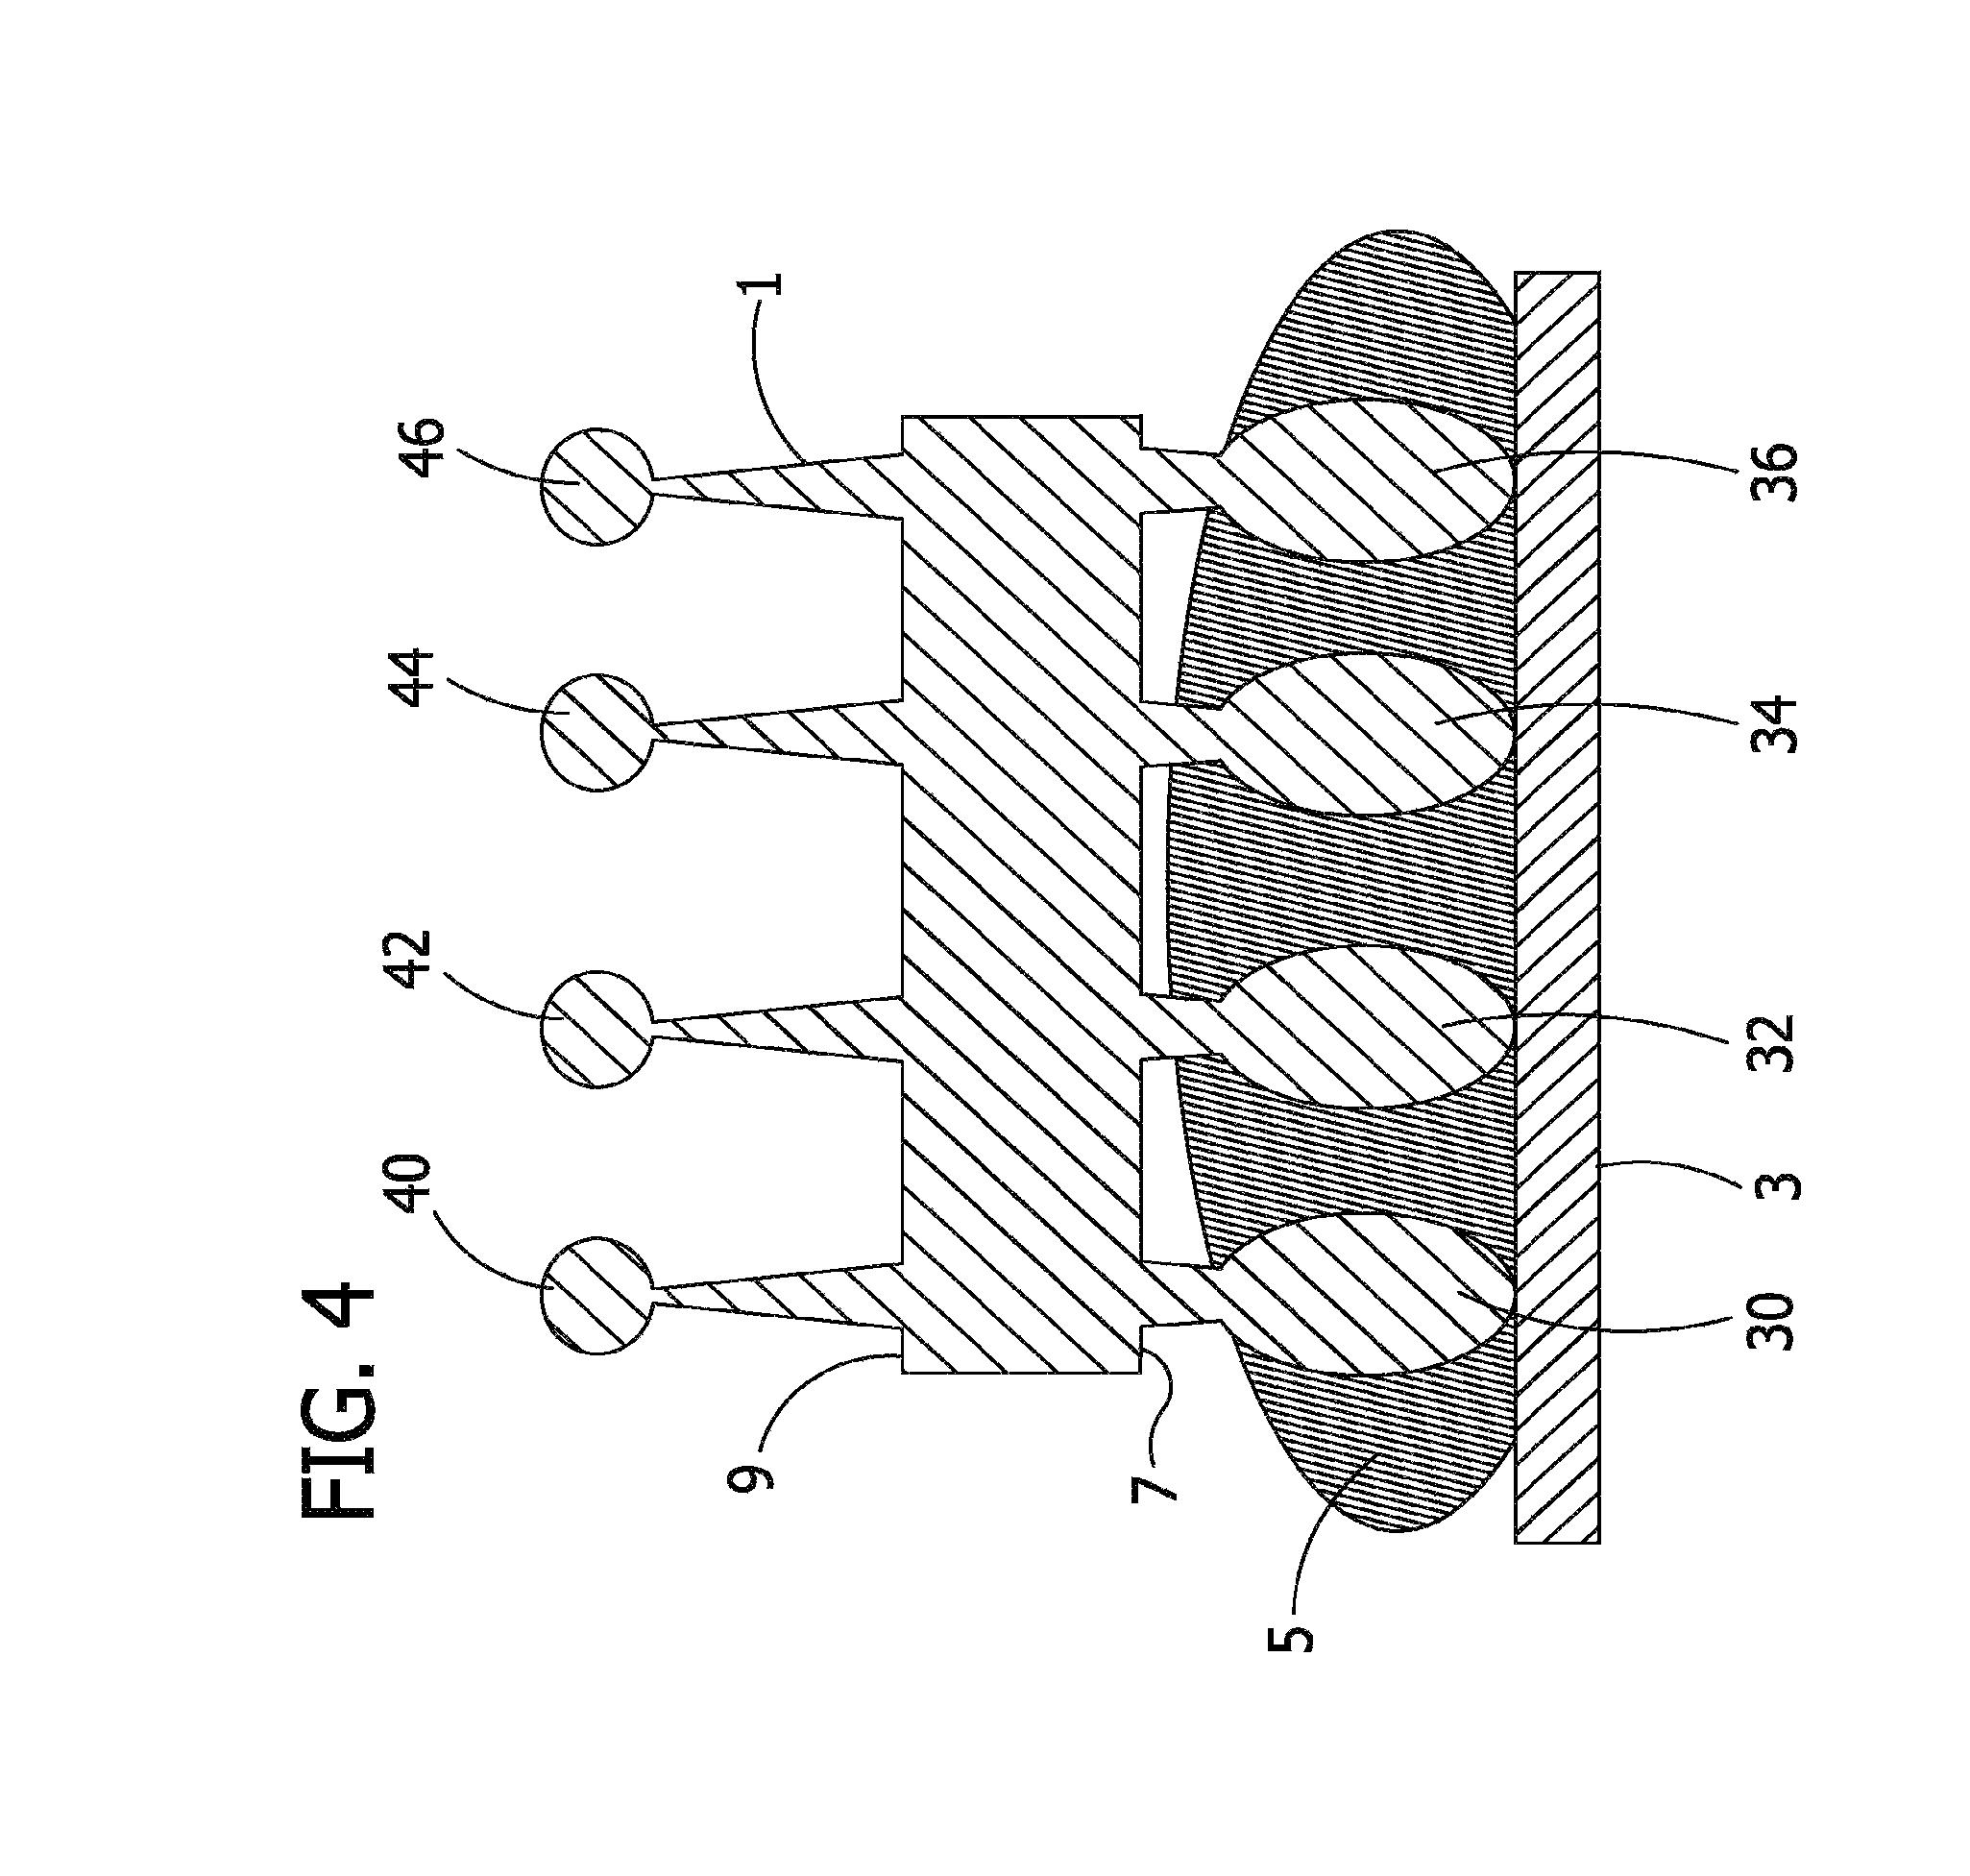 patent us8215973